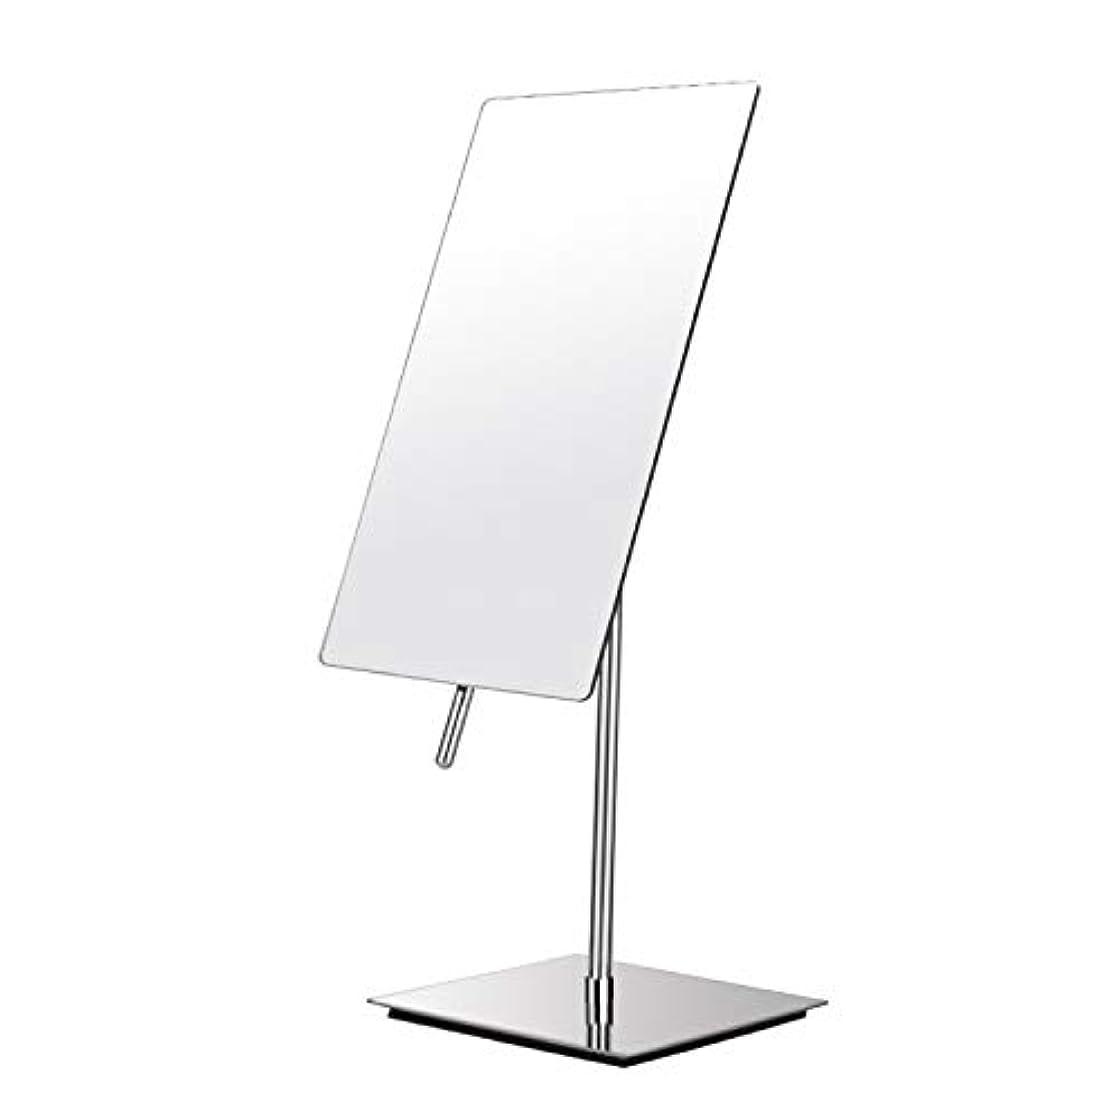 パブ適用済み連続した鏡 卓上 拡大しない 化粧鏡 女優ミラー メイクアップミラー 210x130mm 長方形鏡面 90度回転 スタンドミラー メイク ガラスサー 寝室や浴室に適しています